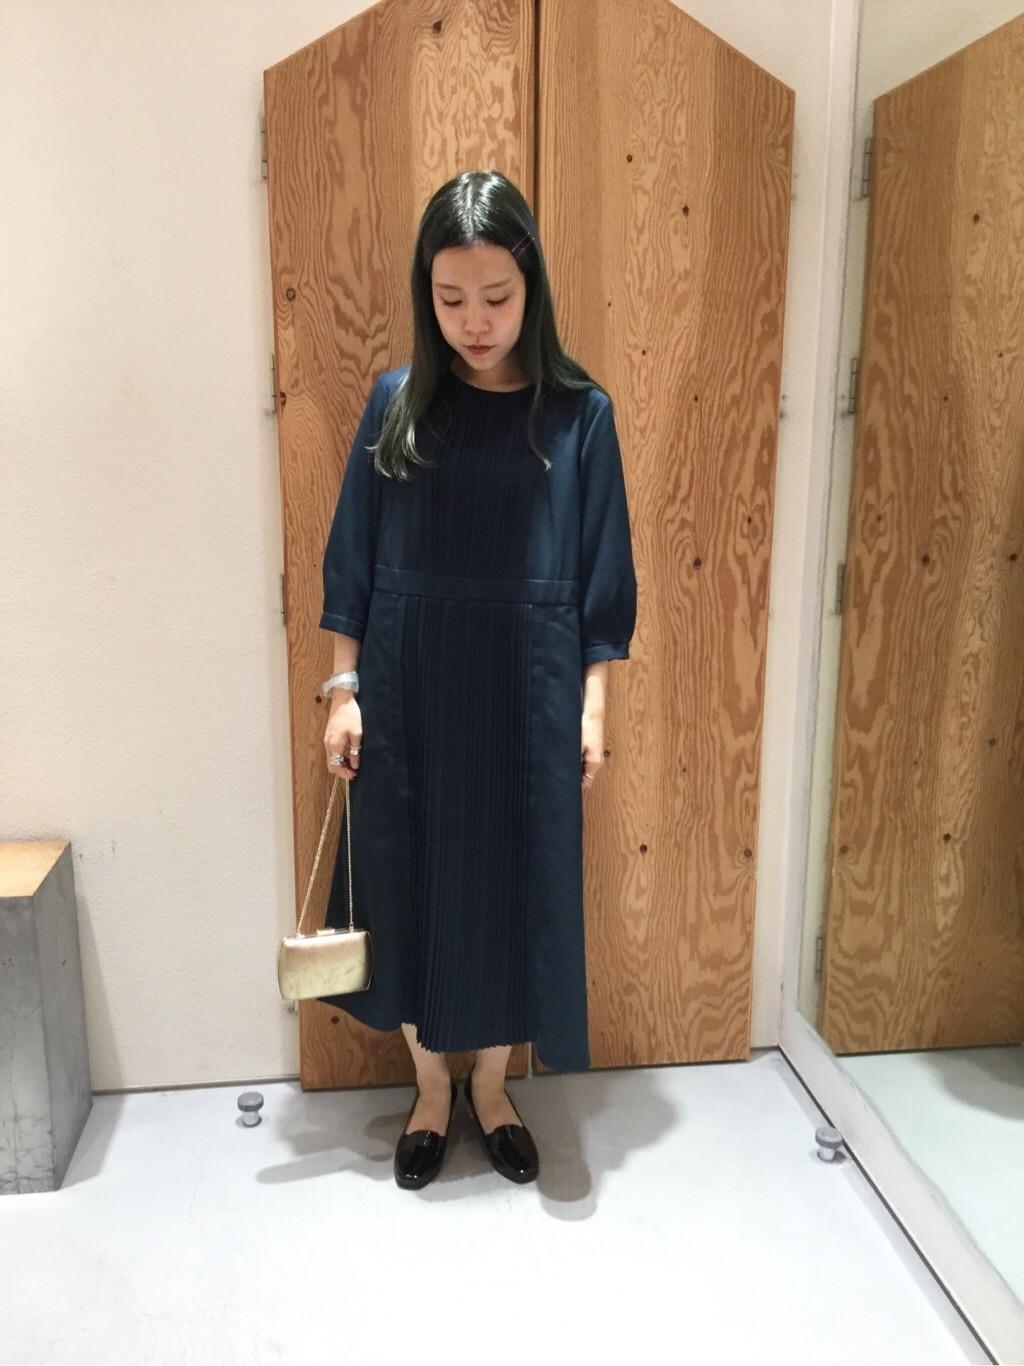 l'atelier du savon グランフロント大阪 身長:155cm 2019.08.22